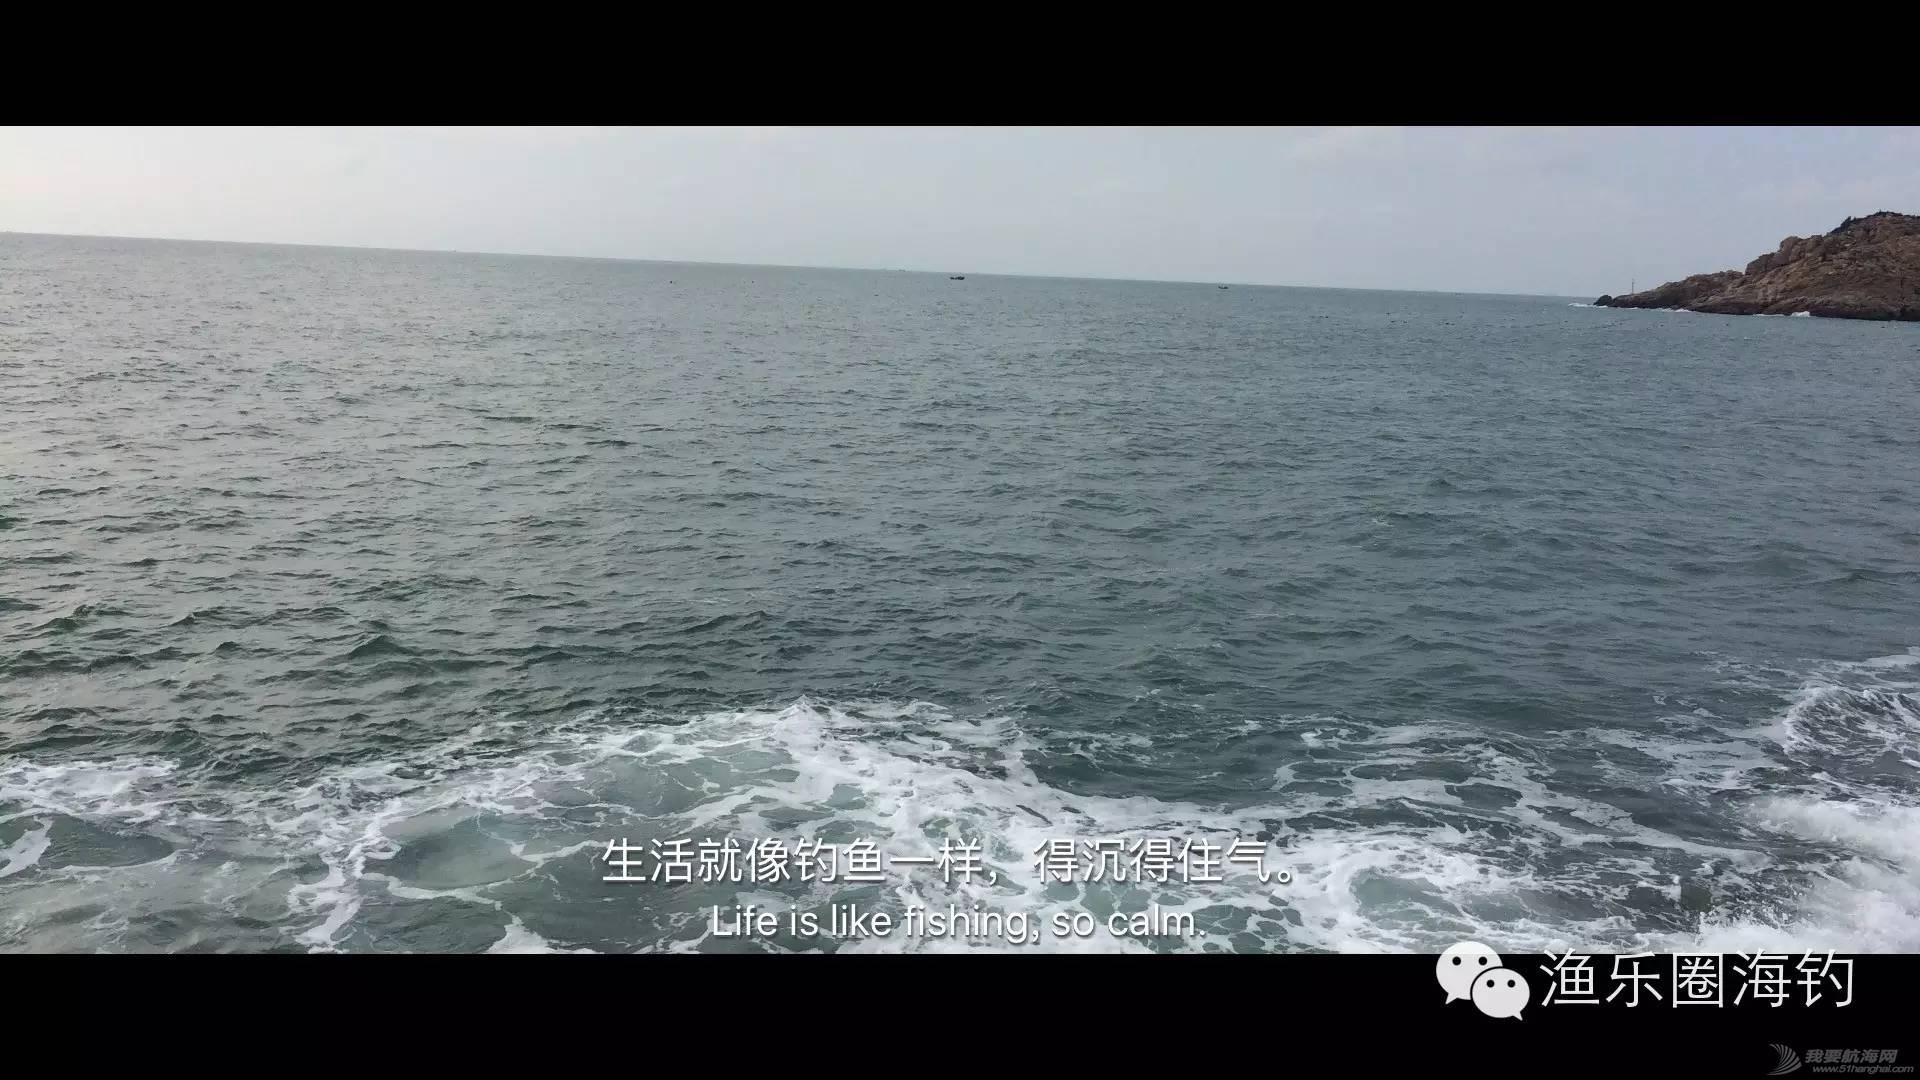 钓鱼的最高境界,为娱而不为鱼.w2.jpg